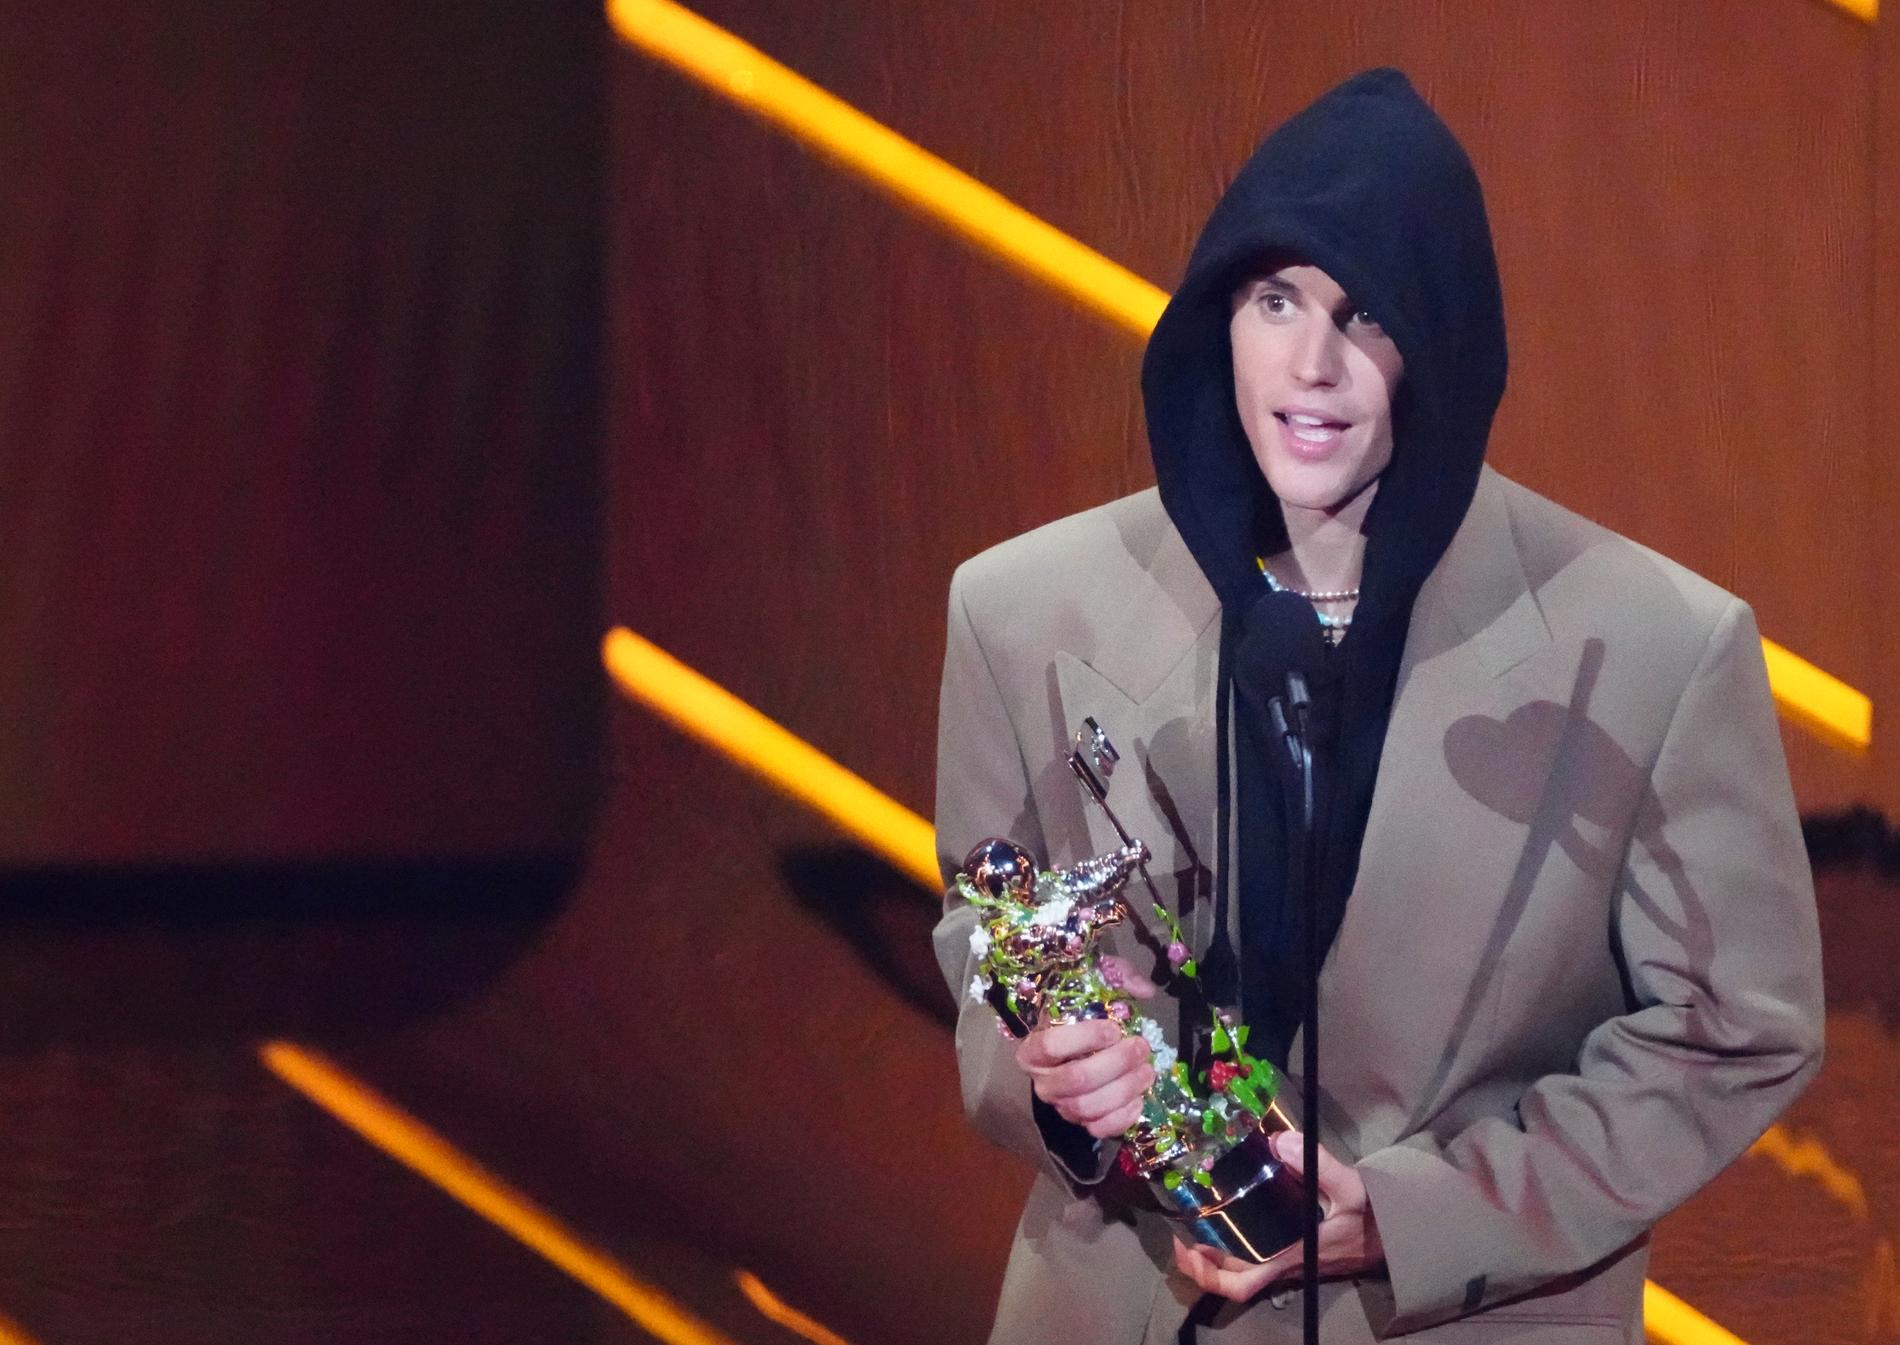 Justin Bieber korades till årets artist på MTV Music Awards.